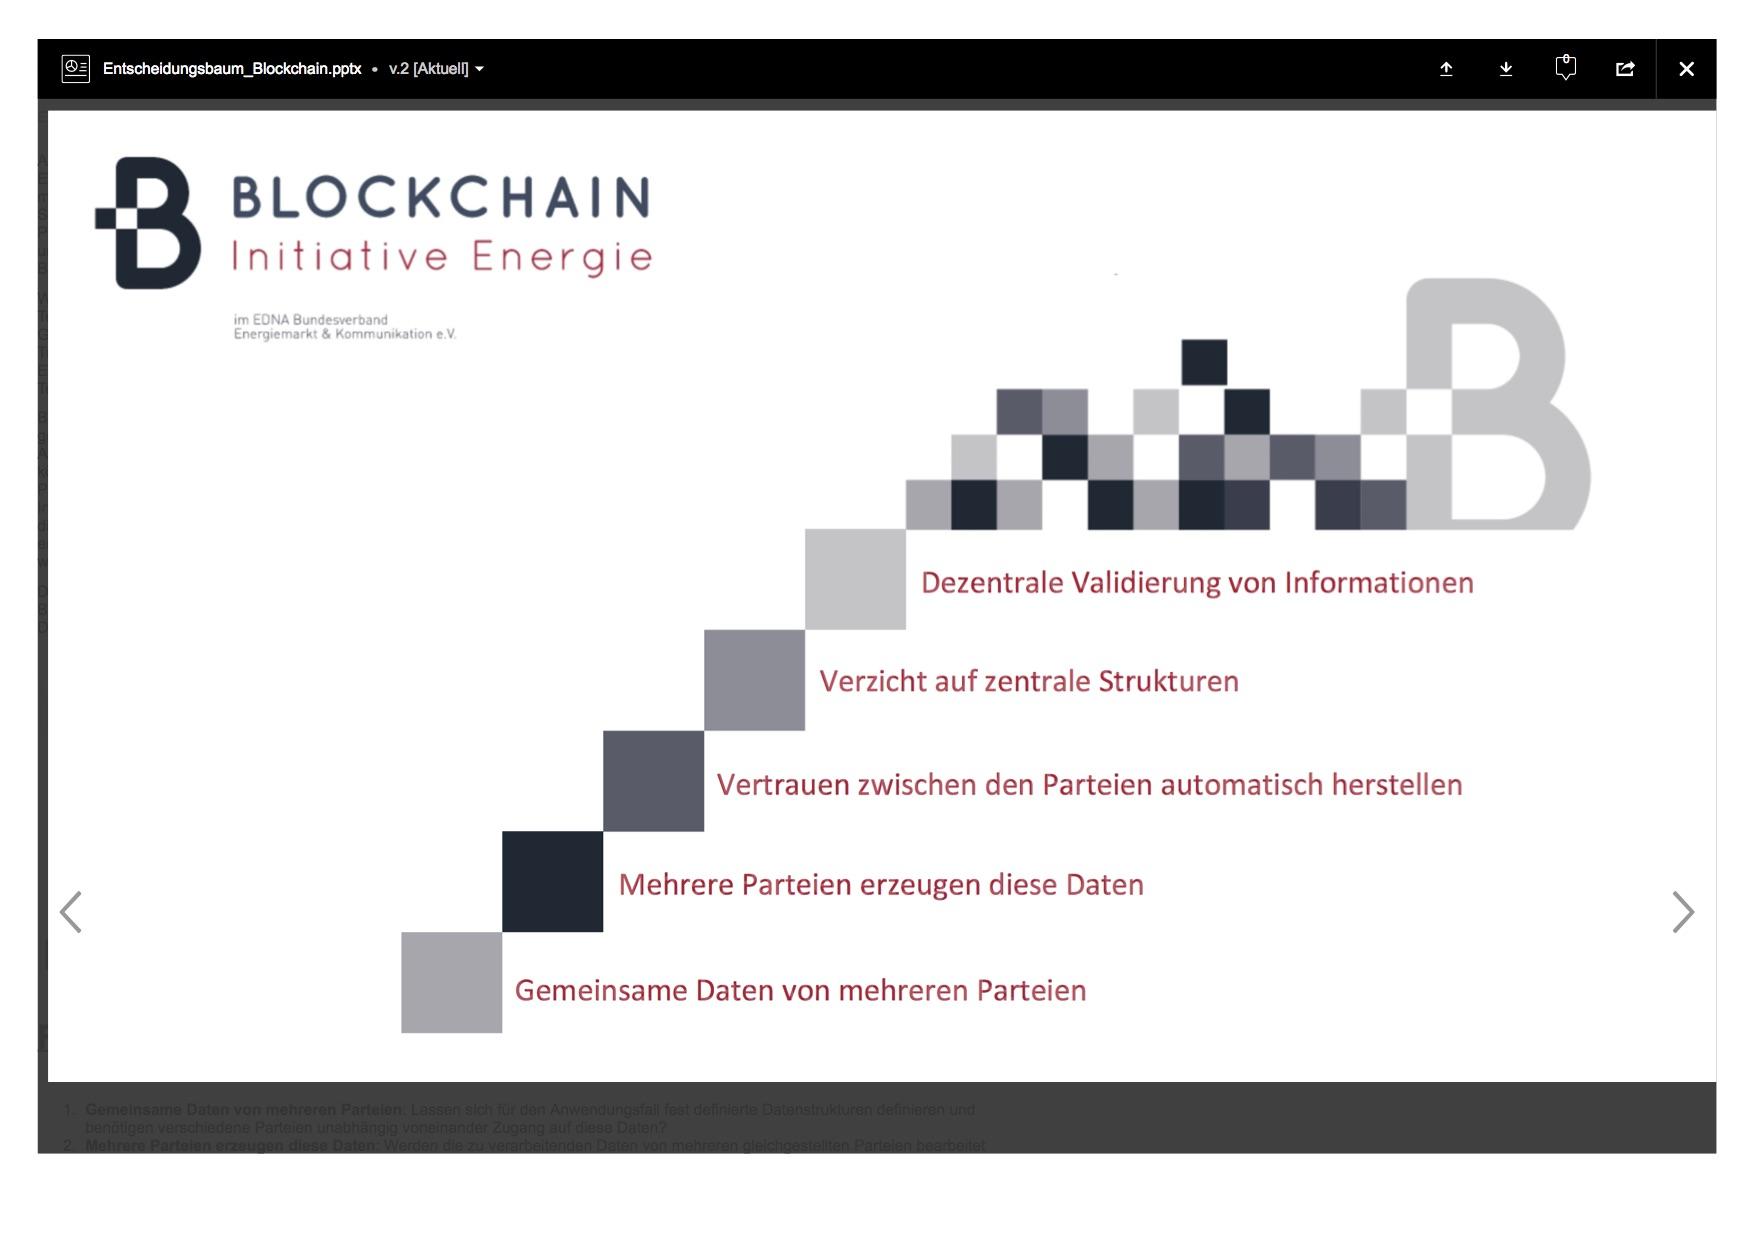 Entscheidungsbaum für geeigneten Blockchain-Einsatz